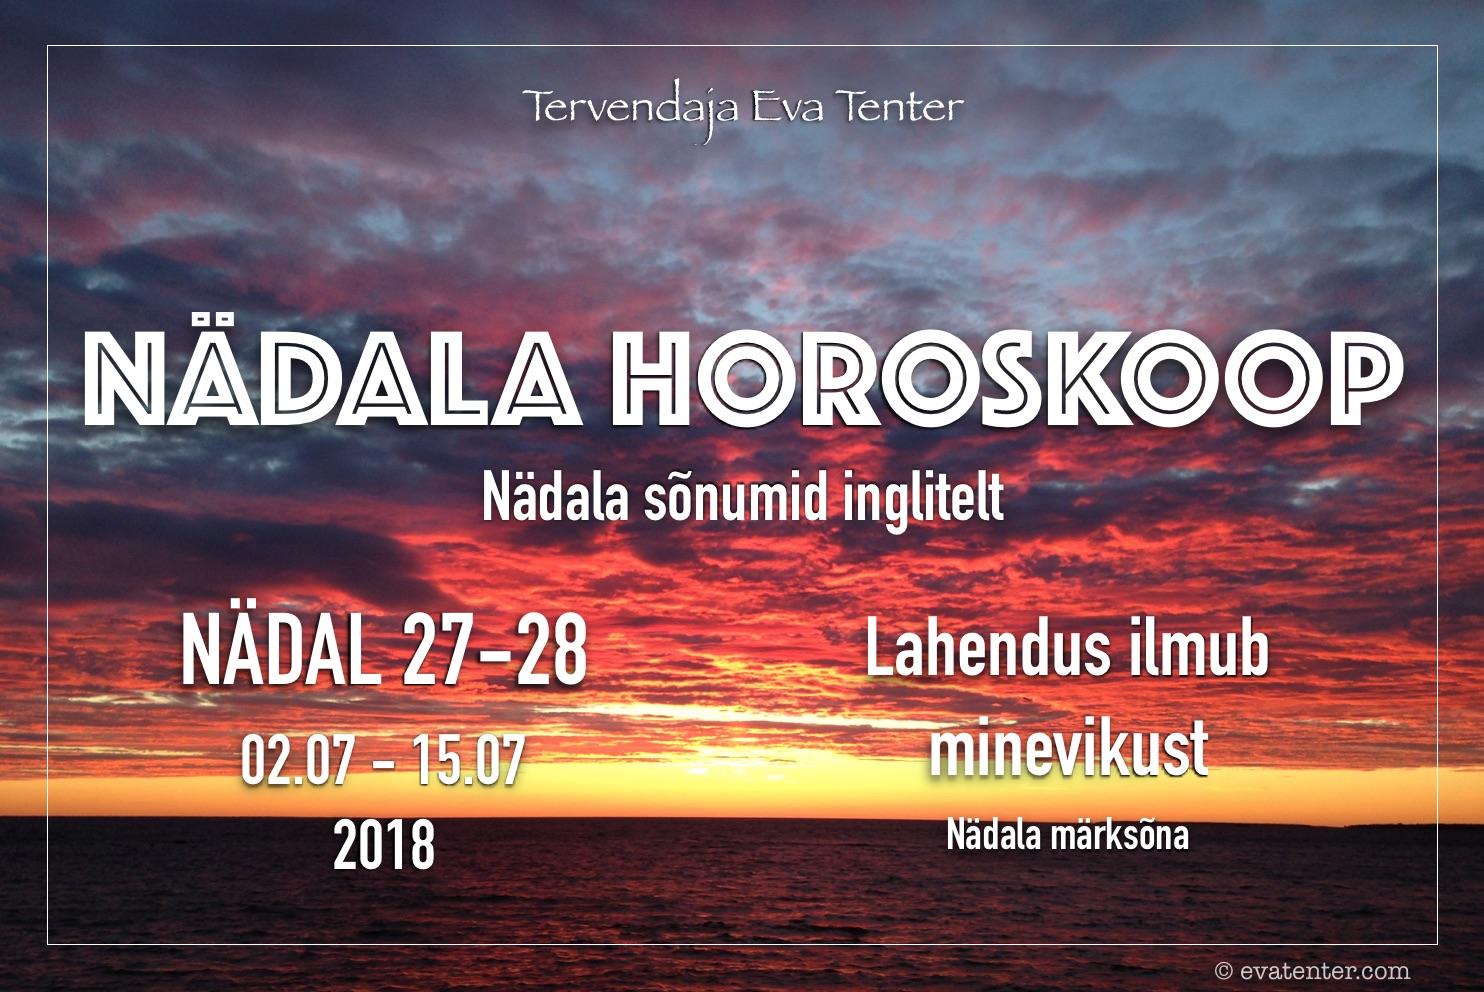 Nädala horoskoop 02.07-15.07.2018